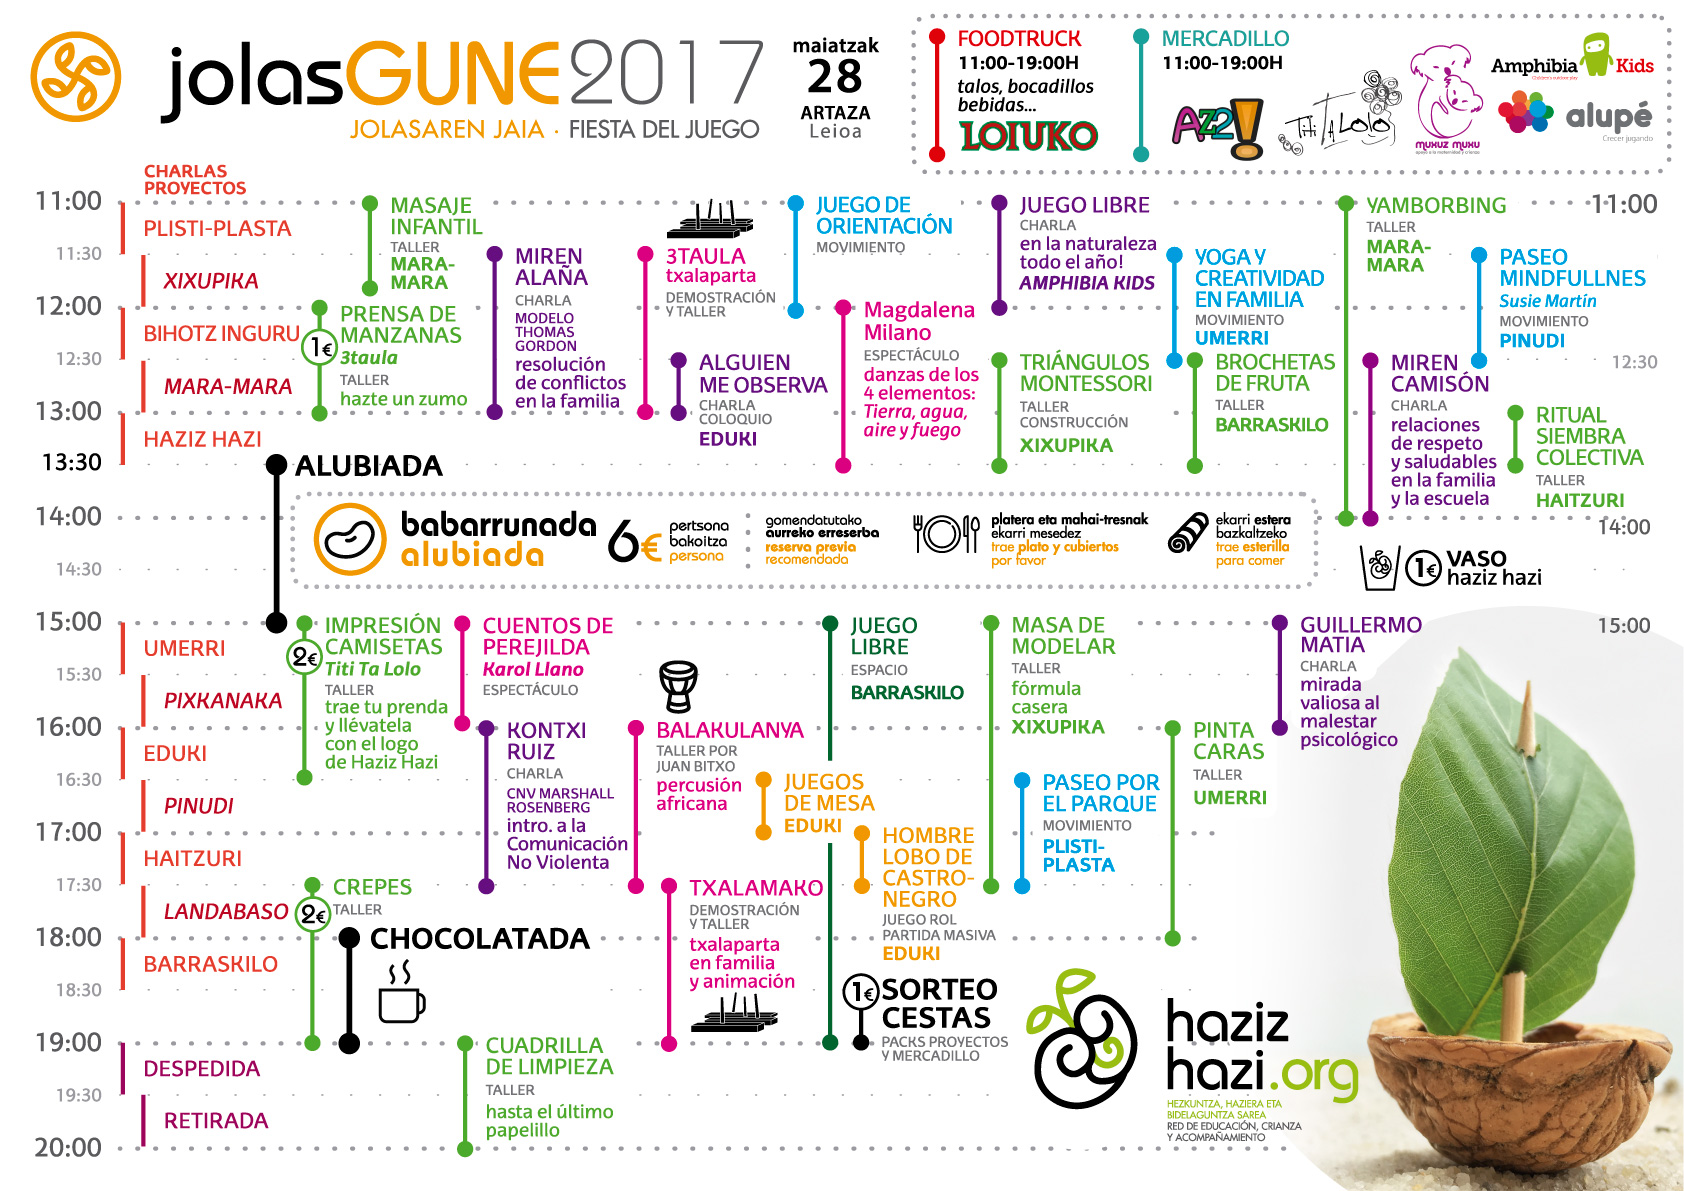 jolasgune 2017 programa castellano hazizhazi